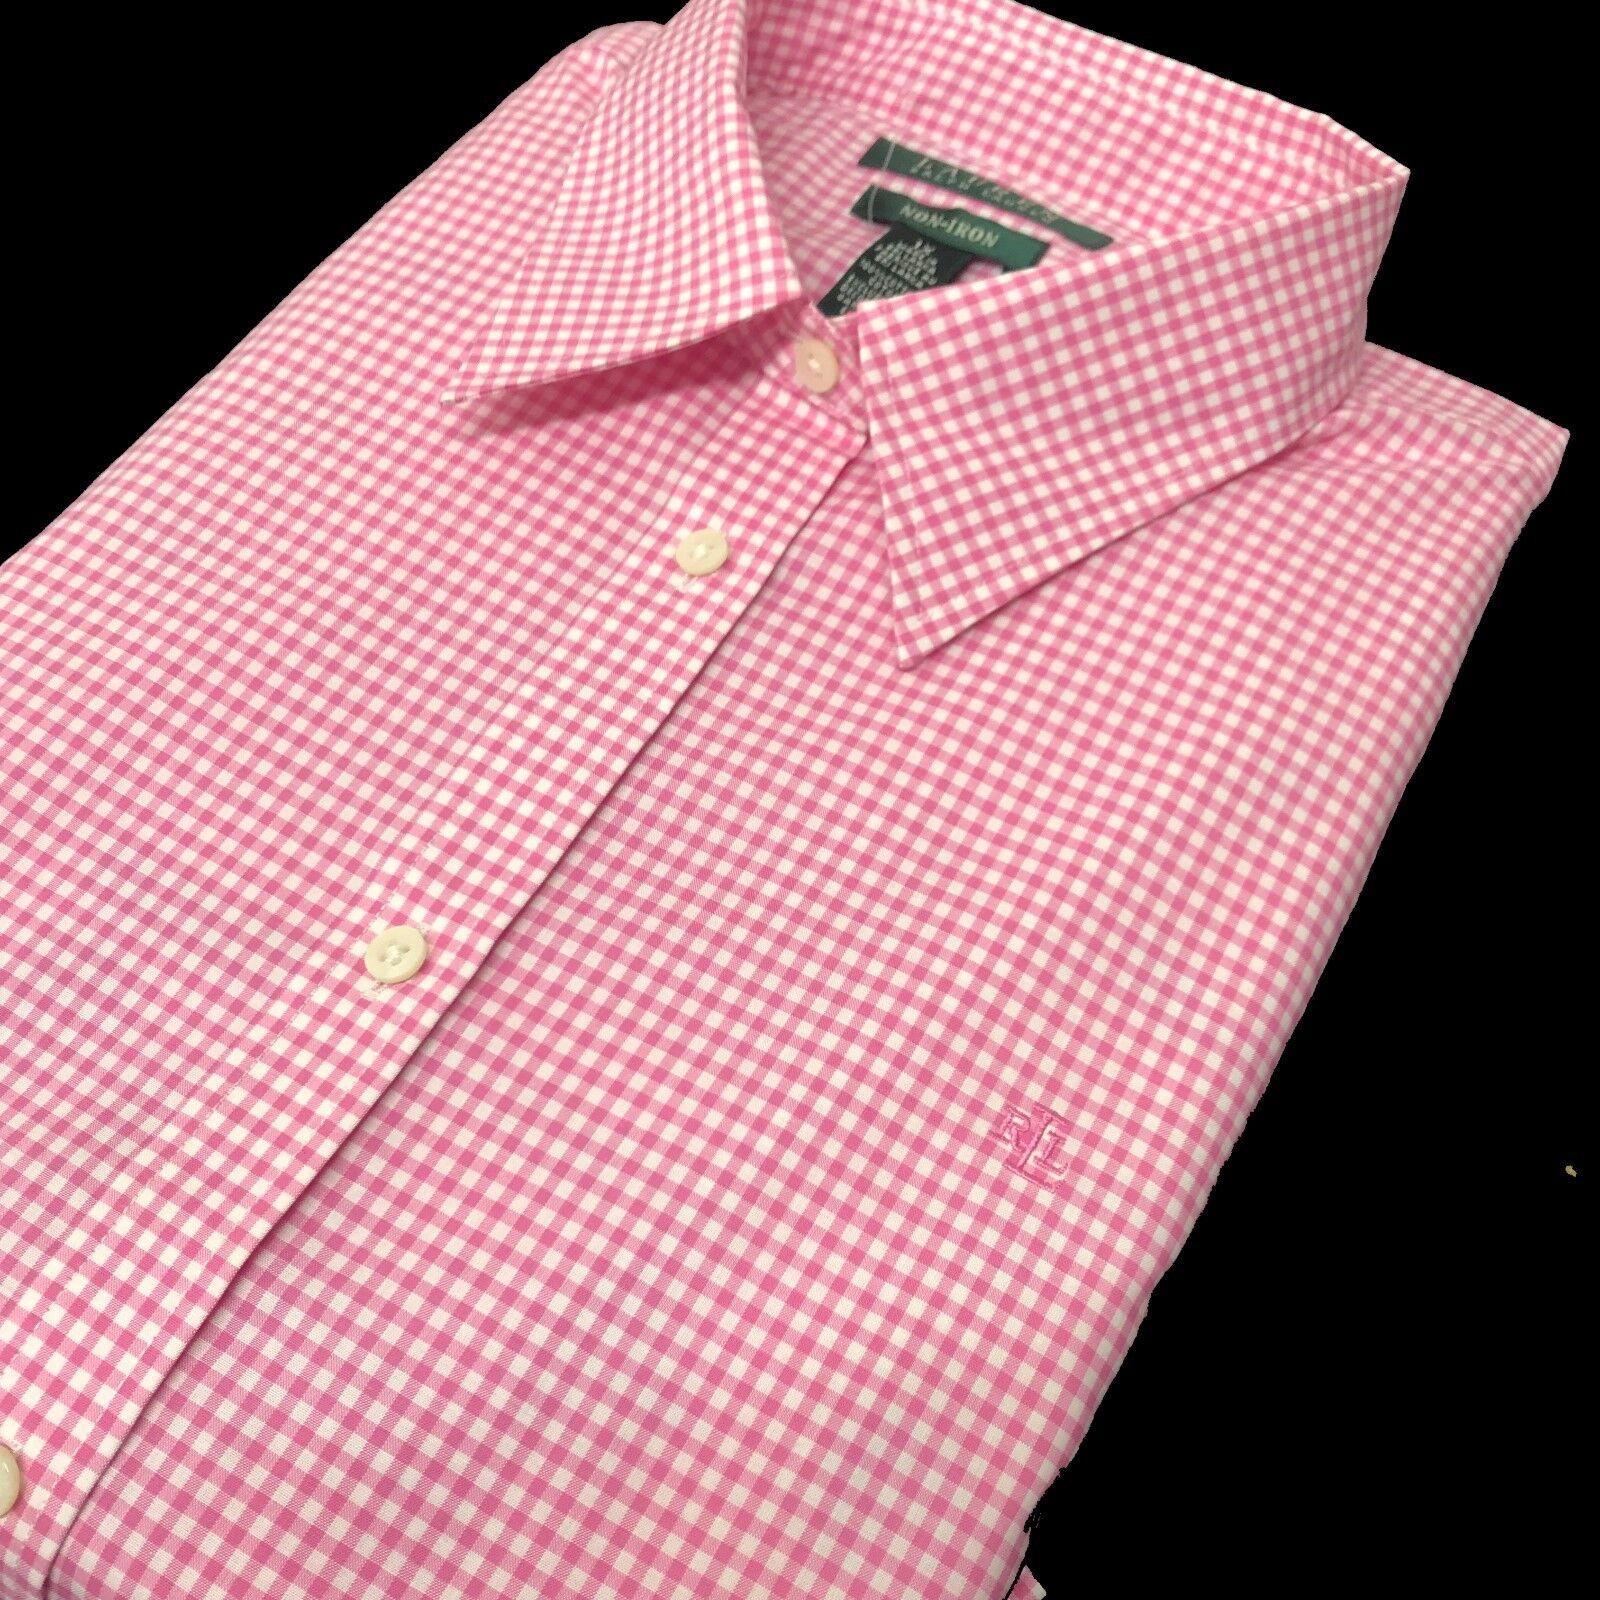 Ralph Lauren damen Shirt Check Weiß Rosa RLL Lauren 1X